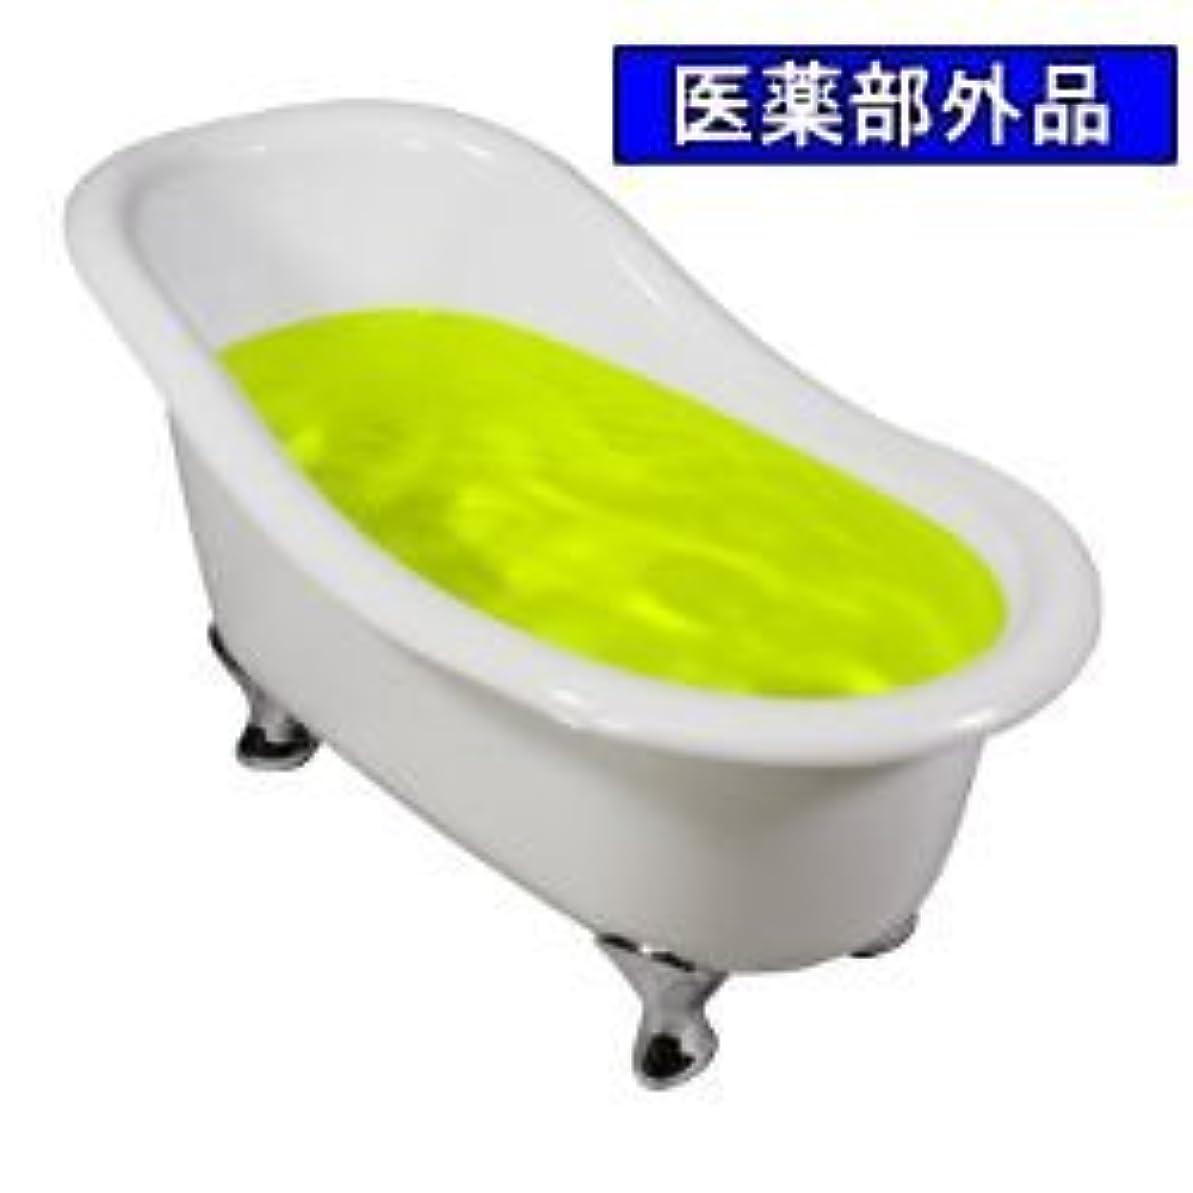 釈義マウント高速道路業務用薬用入浴剤バスフレンド レモン 17kg 医薬部外品